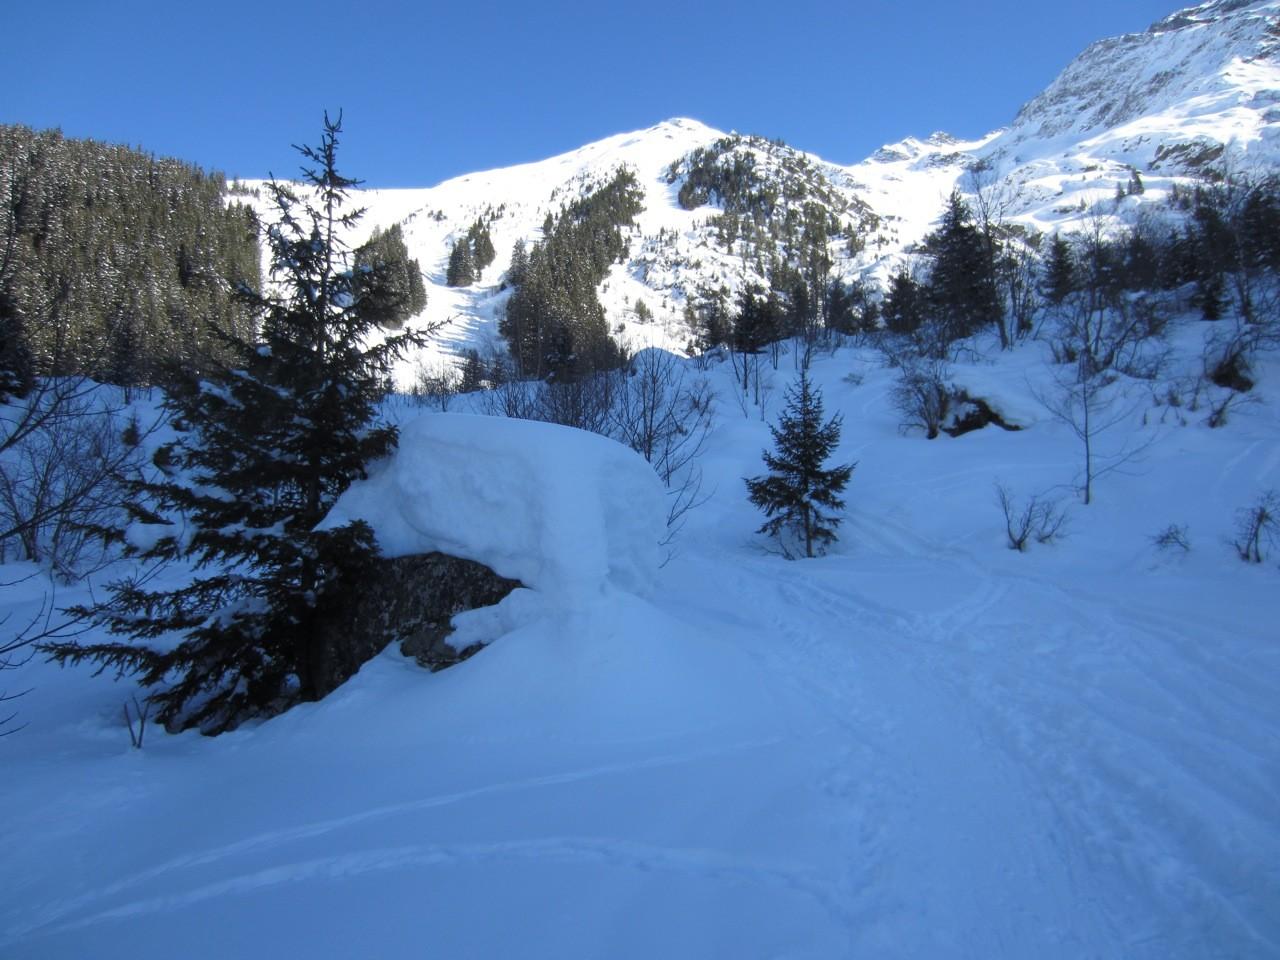 sortie de la forêt vers 1600m, la neige ne manque pas encore